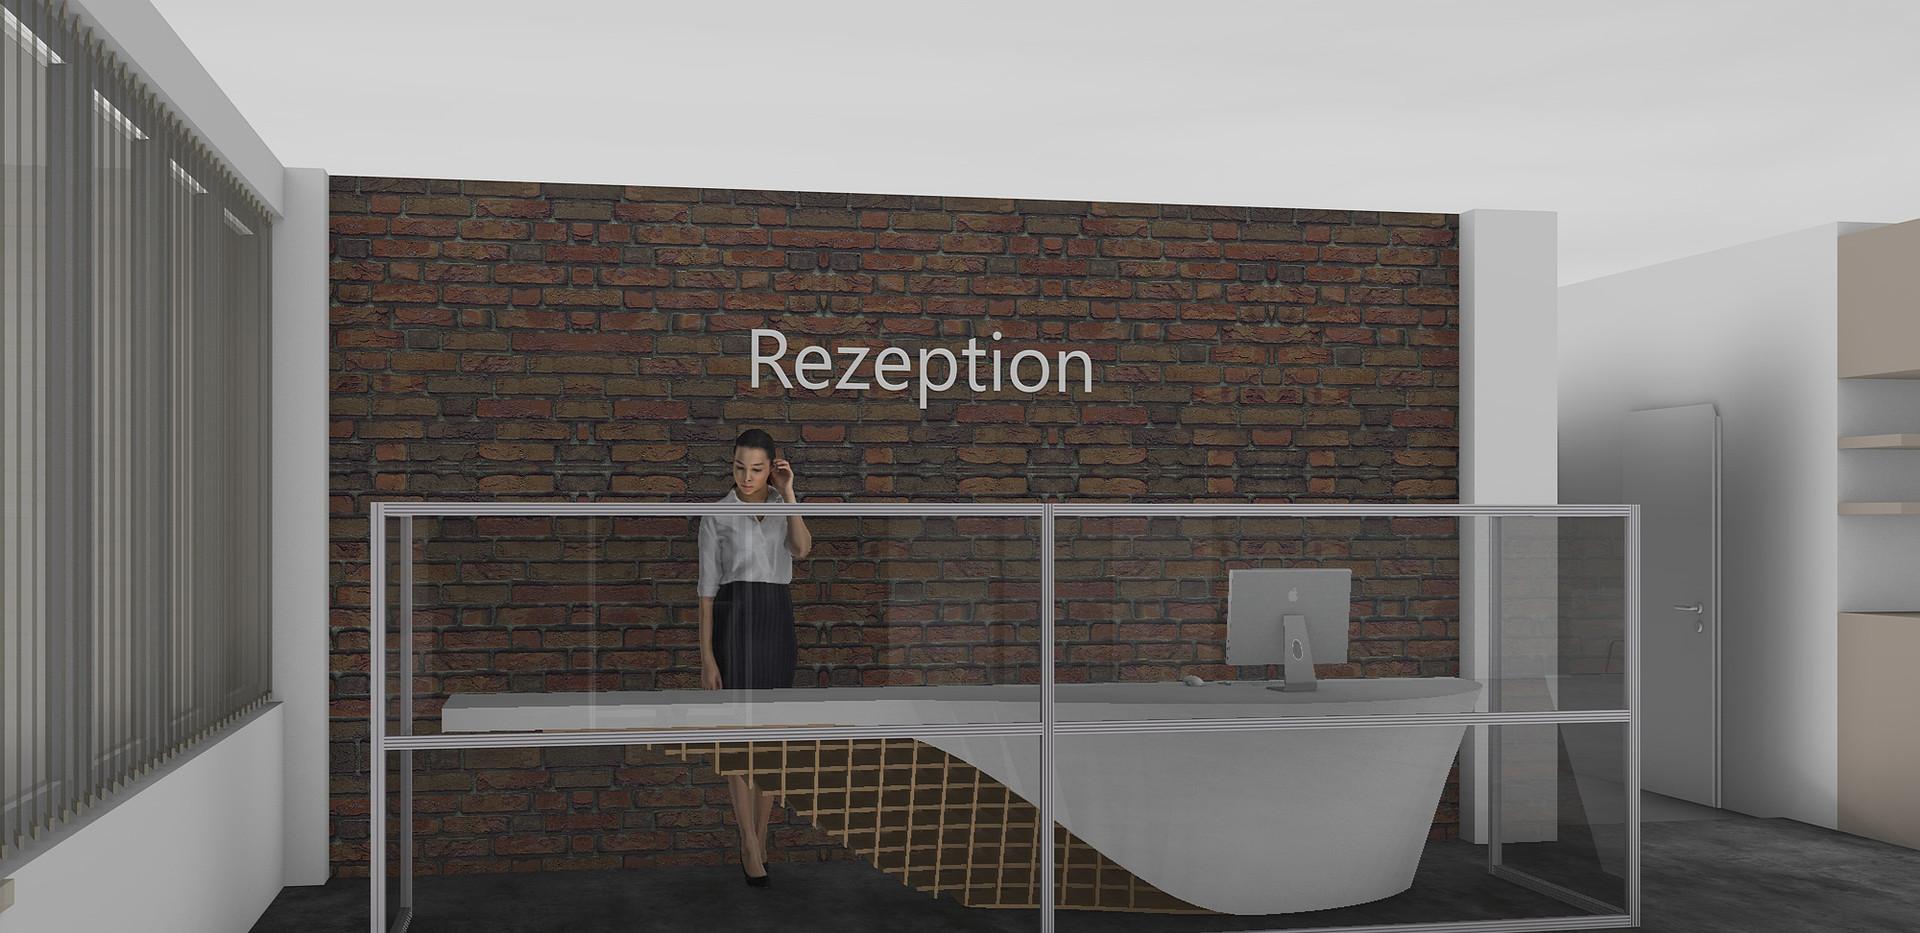 Spuckschutz_Rezeption-001.jpg